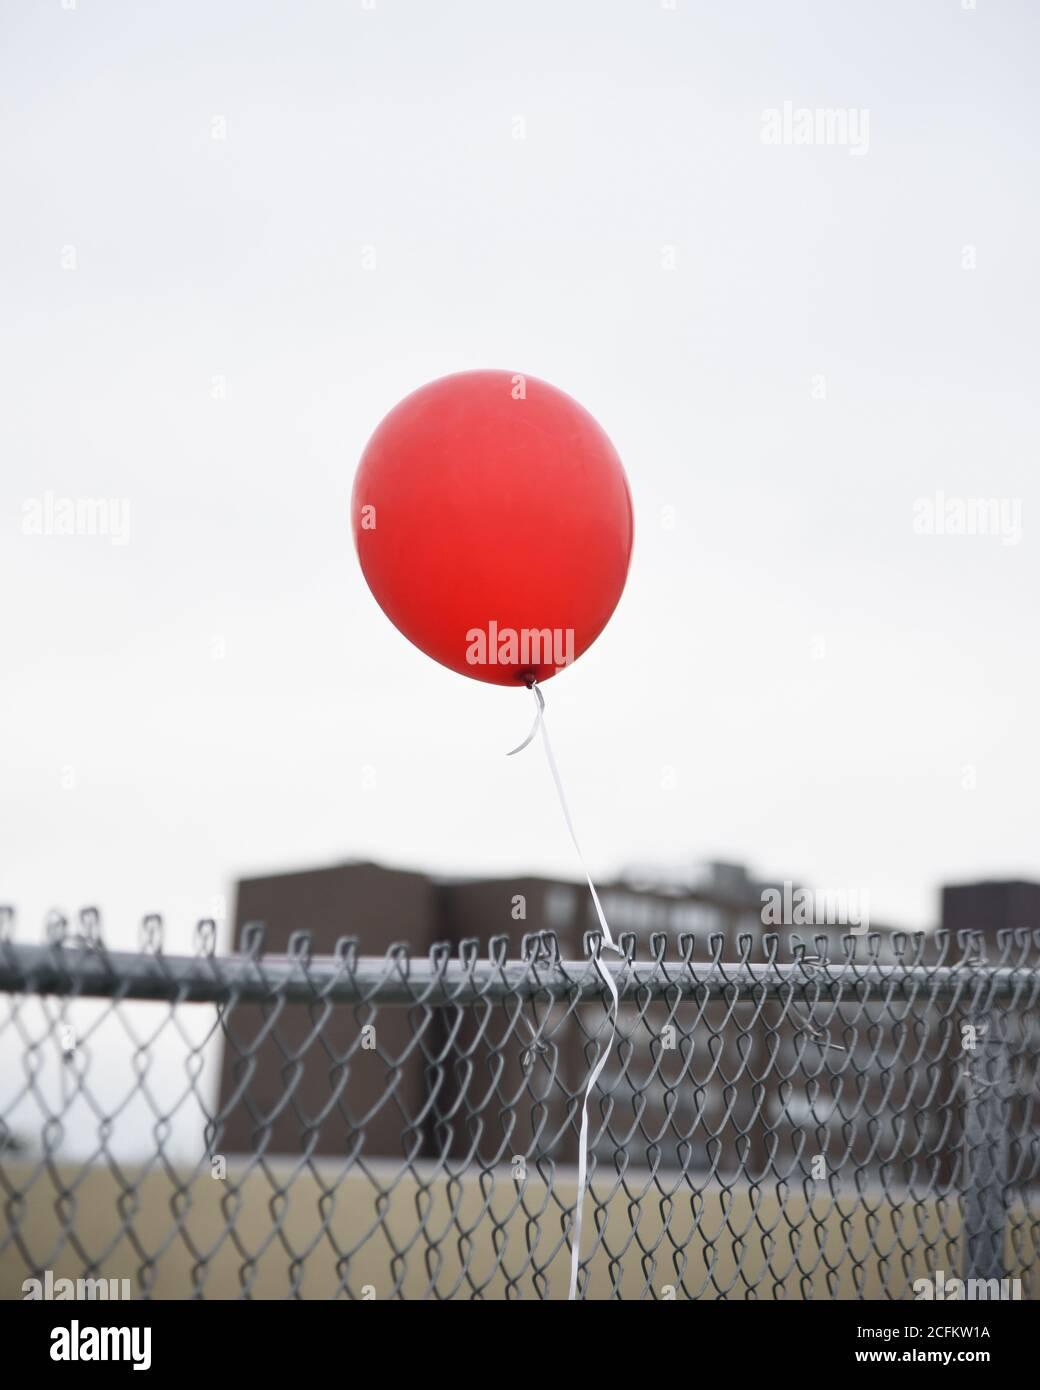 Un ballon rouge est attaché à une clôture en chaîne à l'extérieur pour un concept de solitude ou de solitude. Banque D'Images